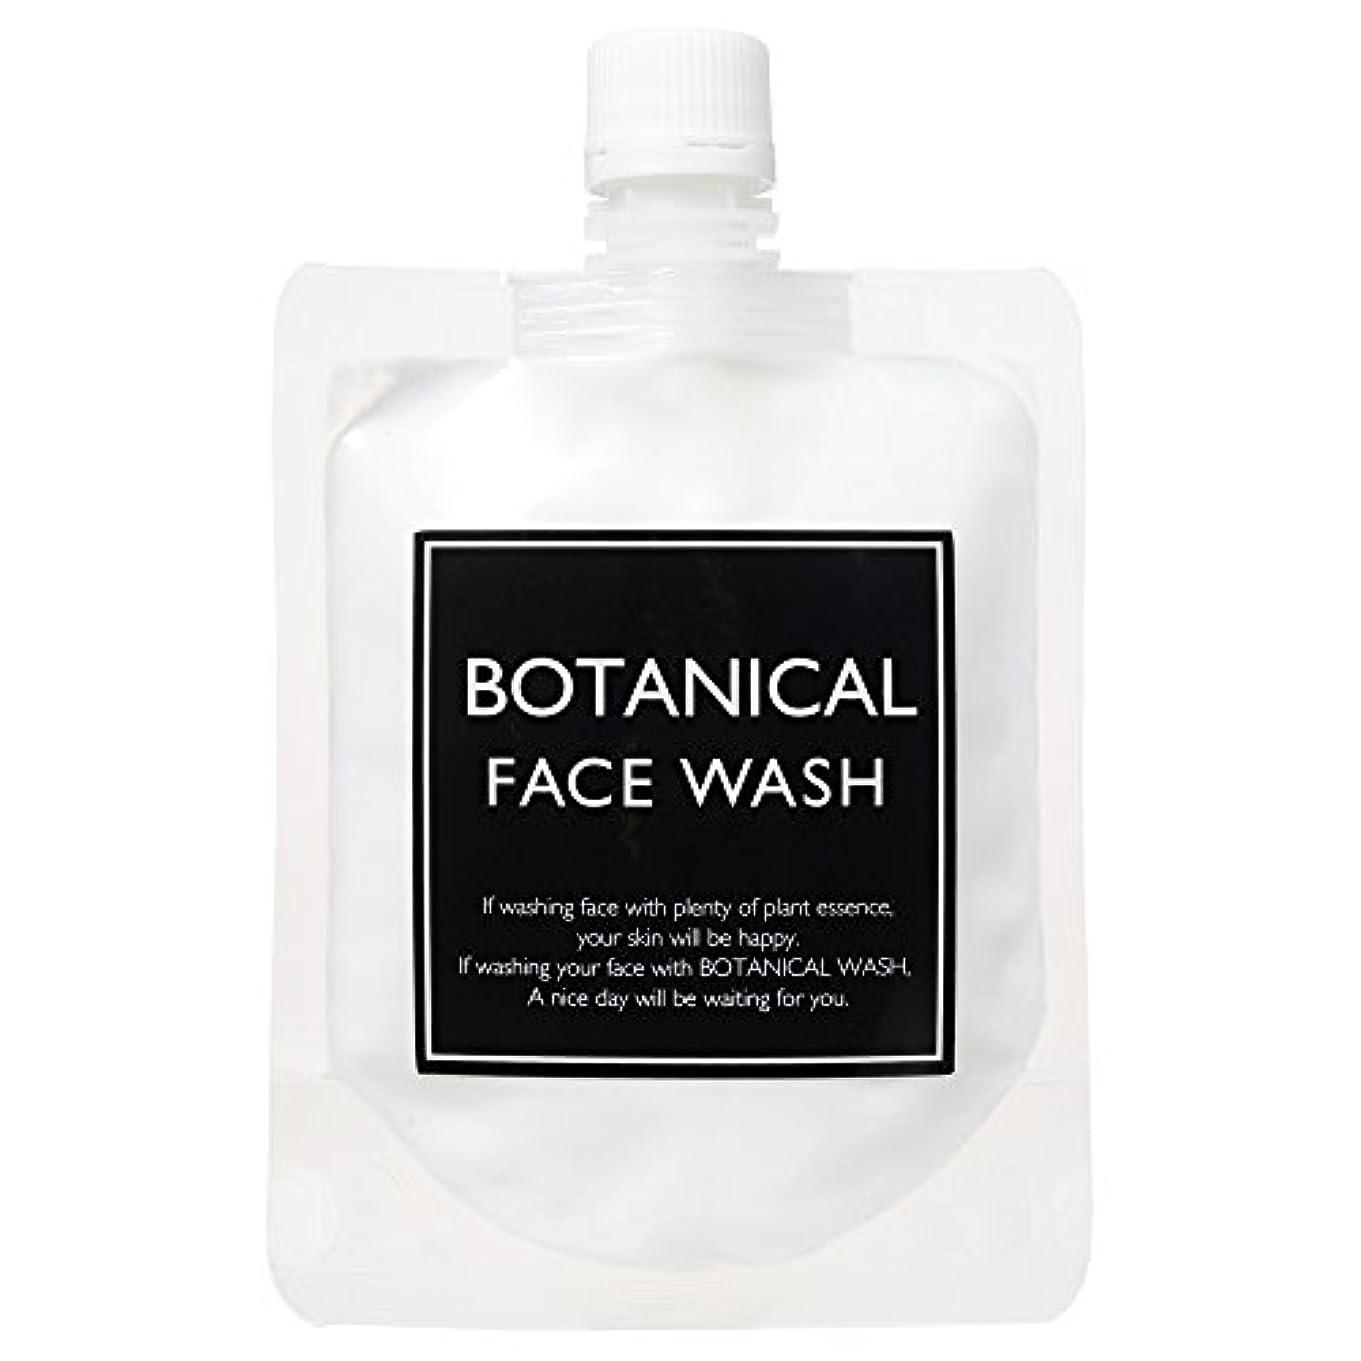 宣教師キウイ多様な【BOTANICAL FACE WASH】 ボタニカル フェイスウォッシュ 150g 泡洗顔